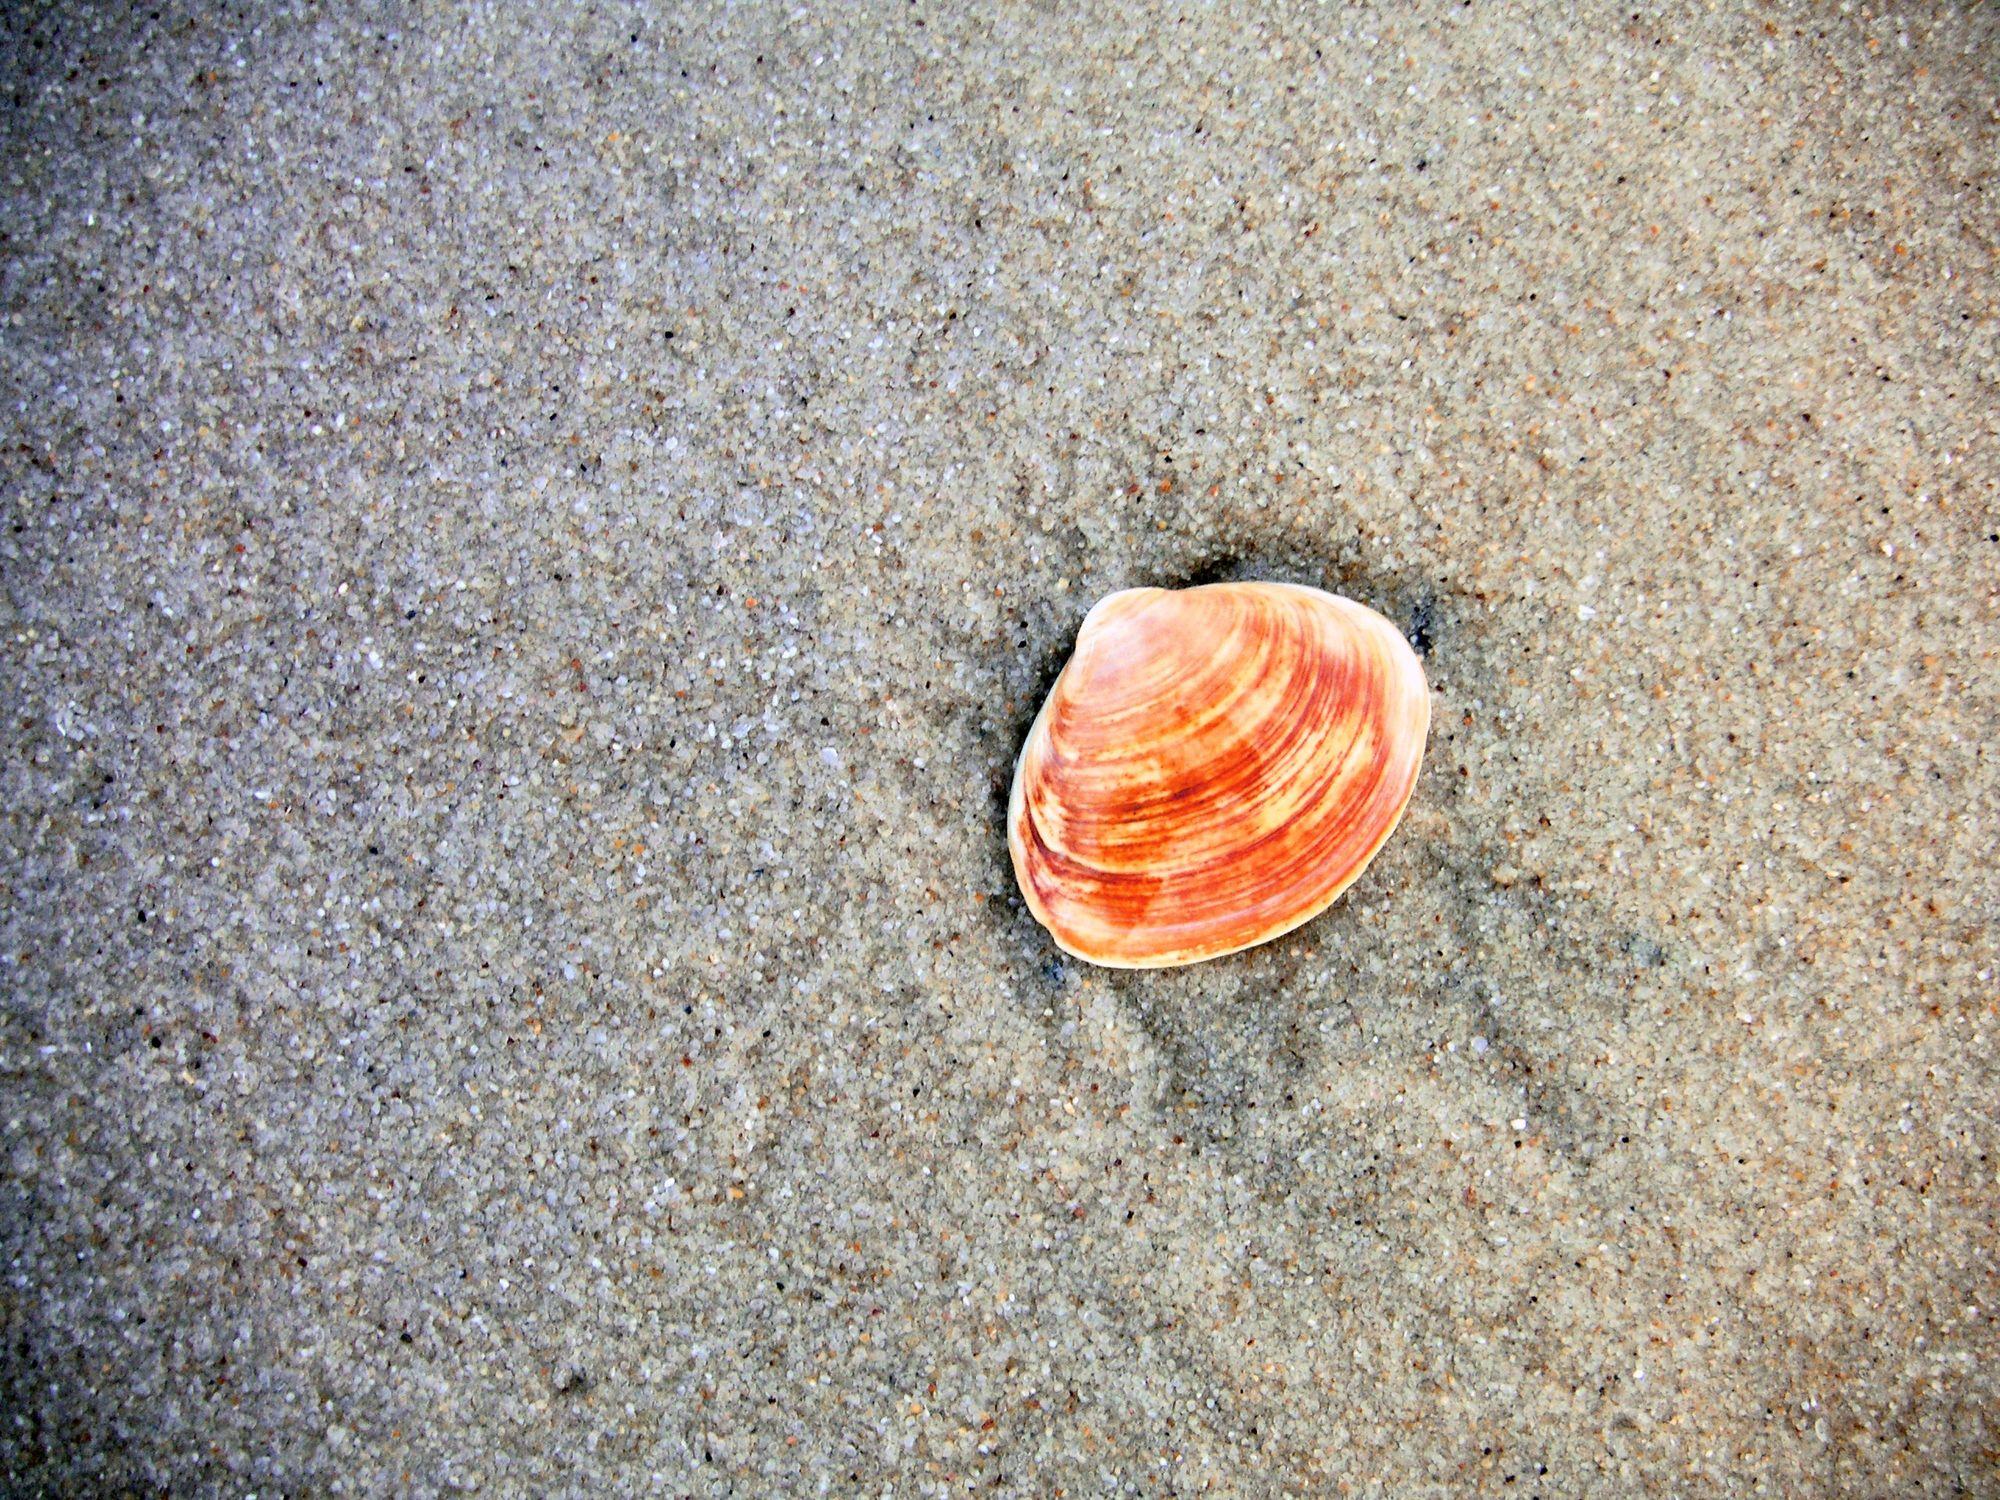 Bild mit Gegenstände, Materialien, Stein, Sand, Muscheln, Sandmuscheln